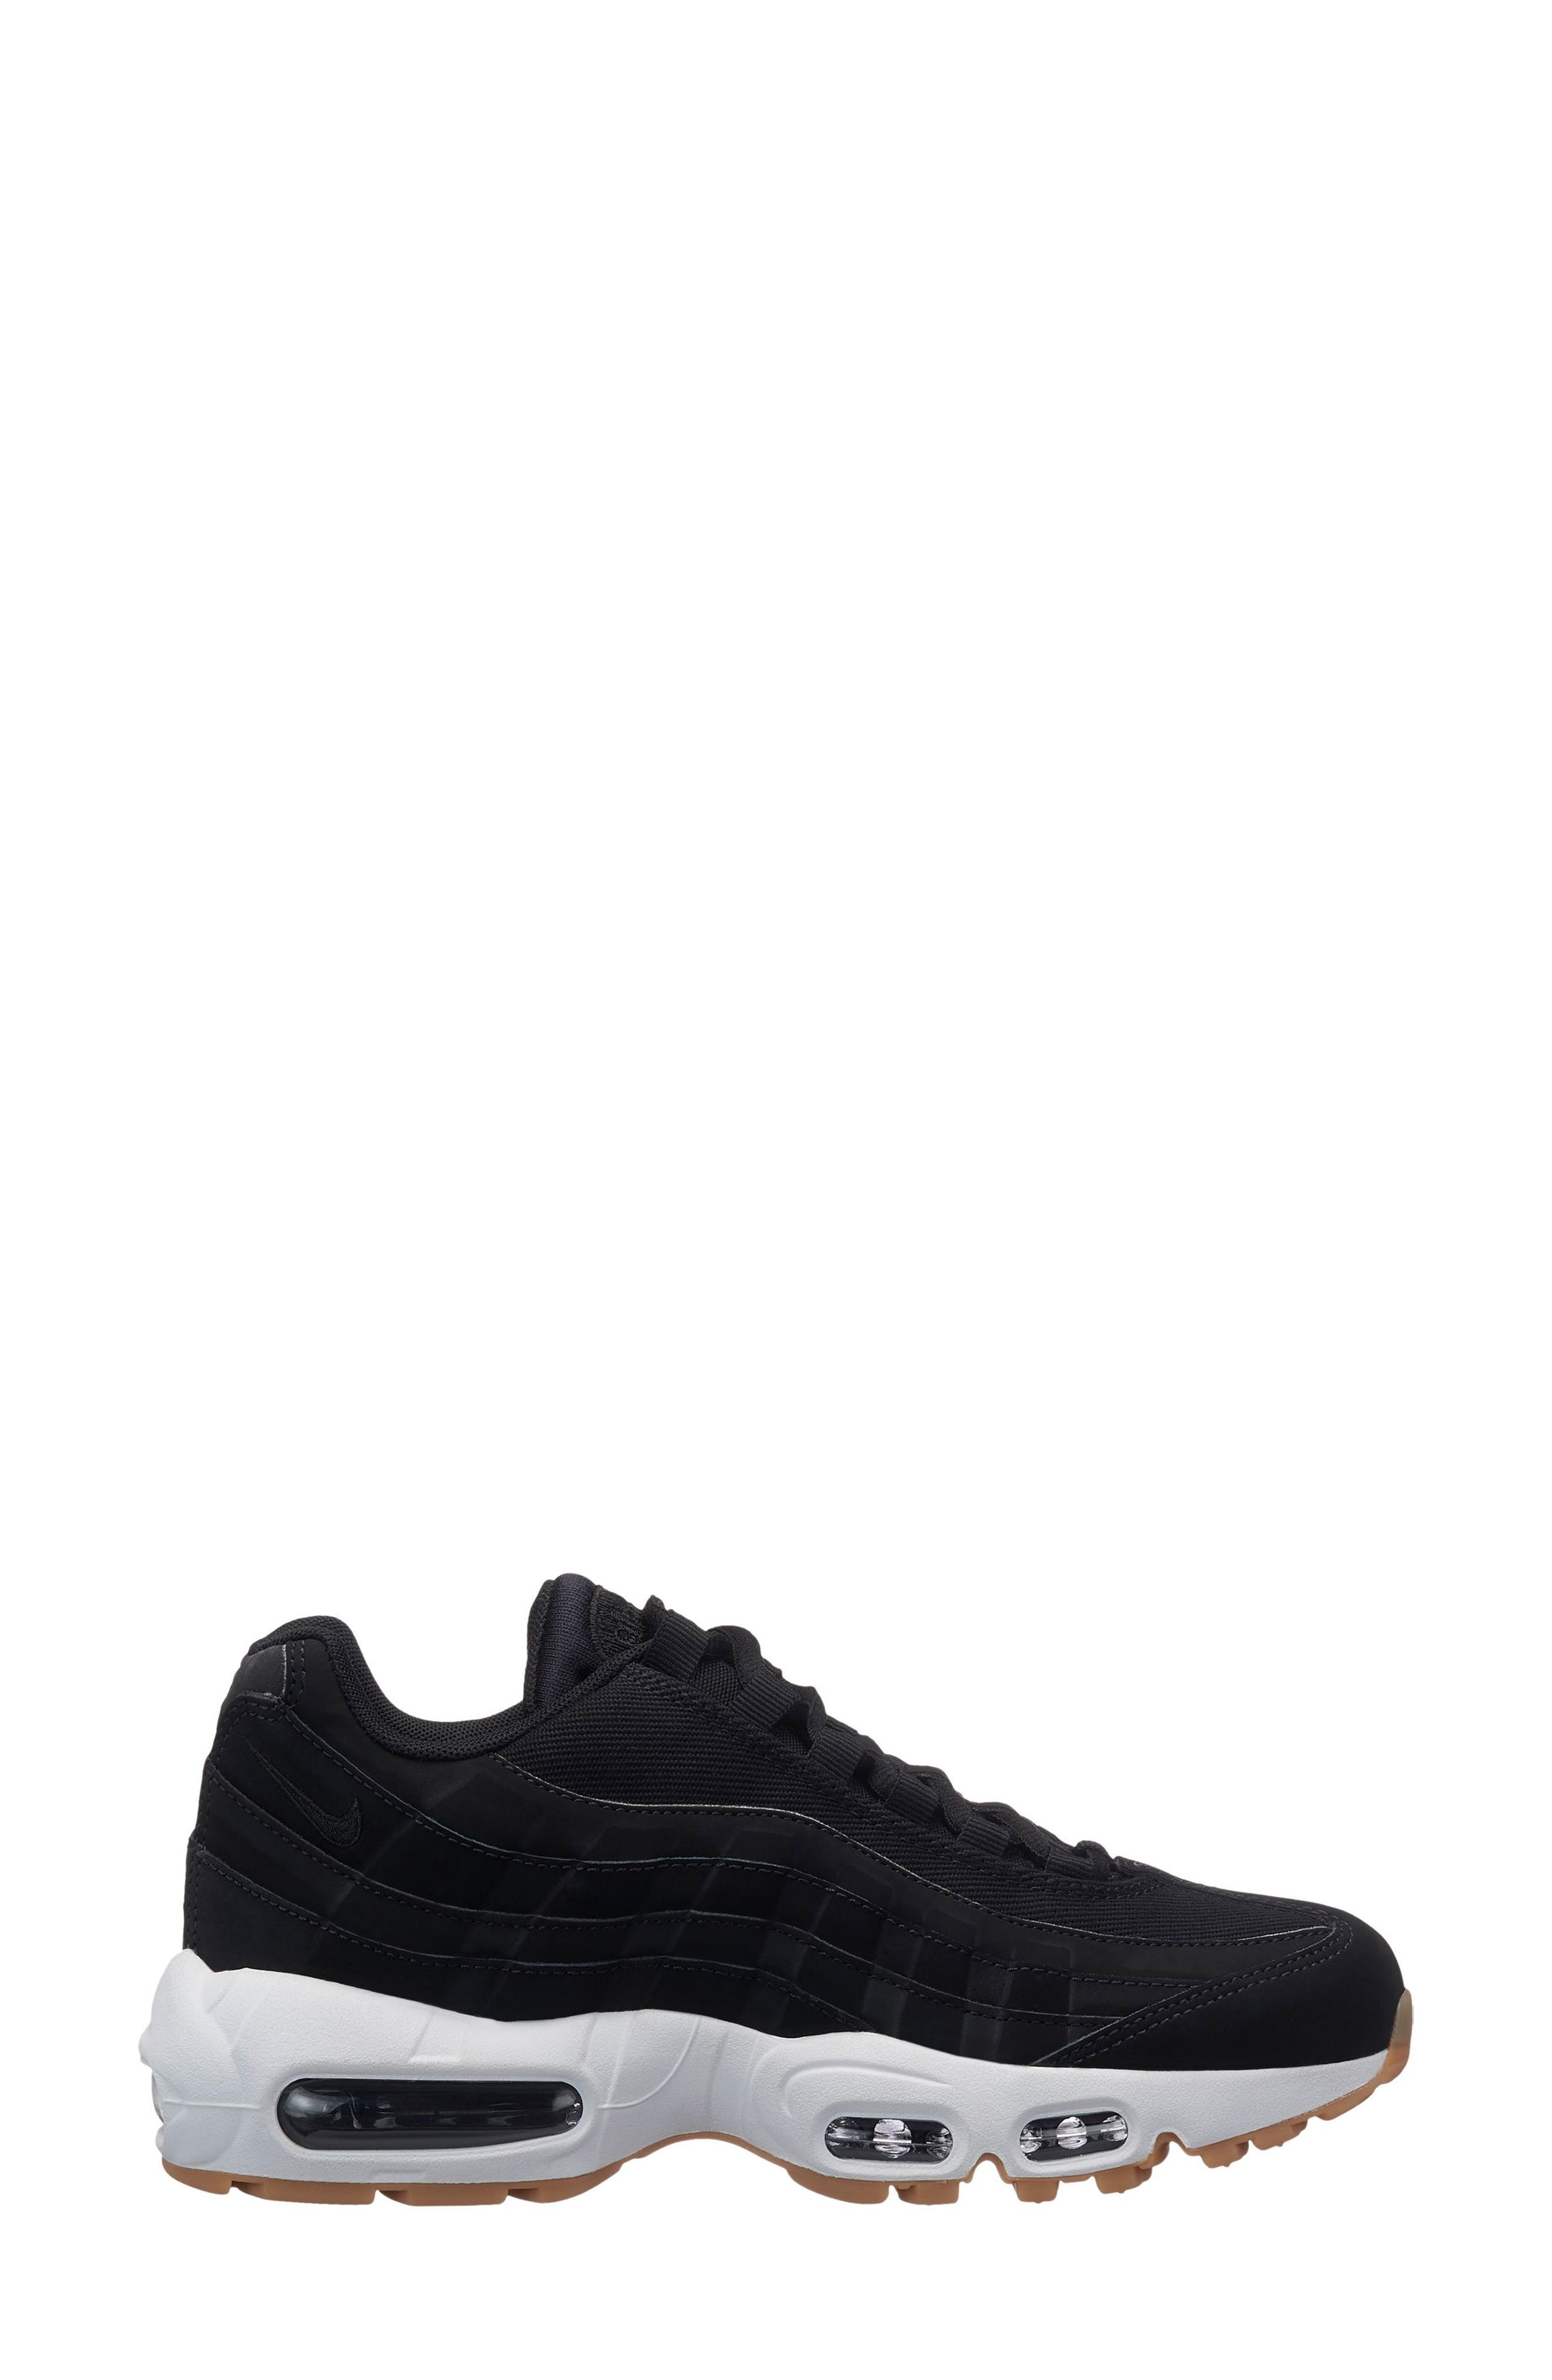 Air Max 95 Running Shoe,                             Main thumbnail 1, color,                             BLACK